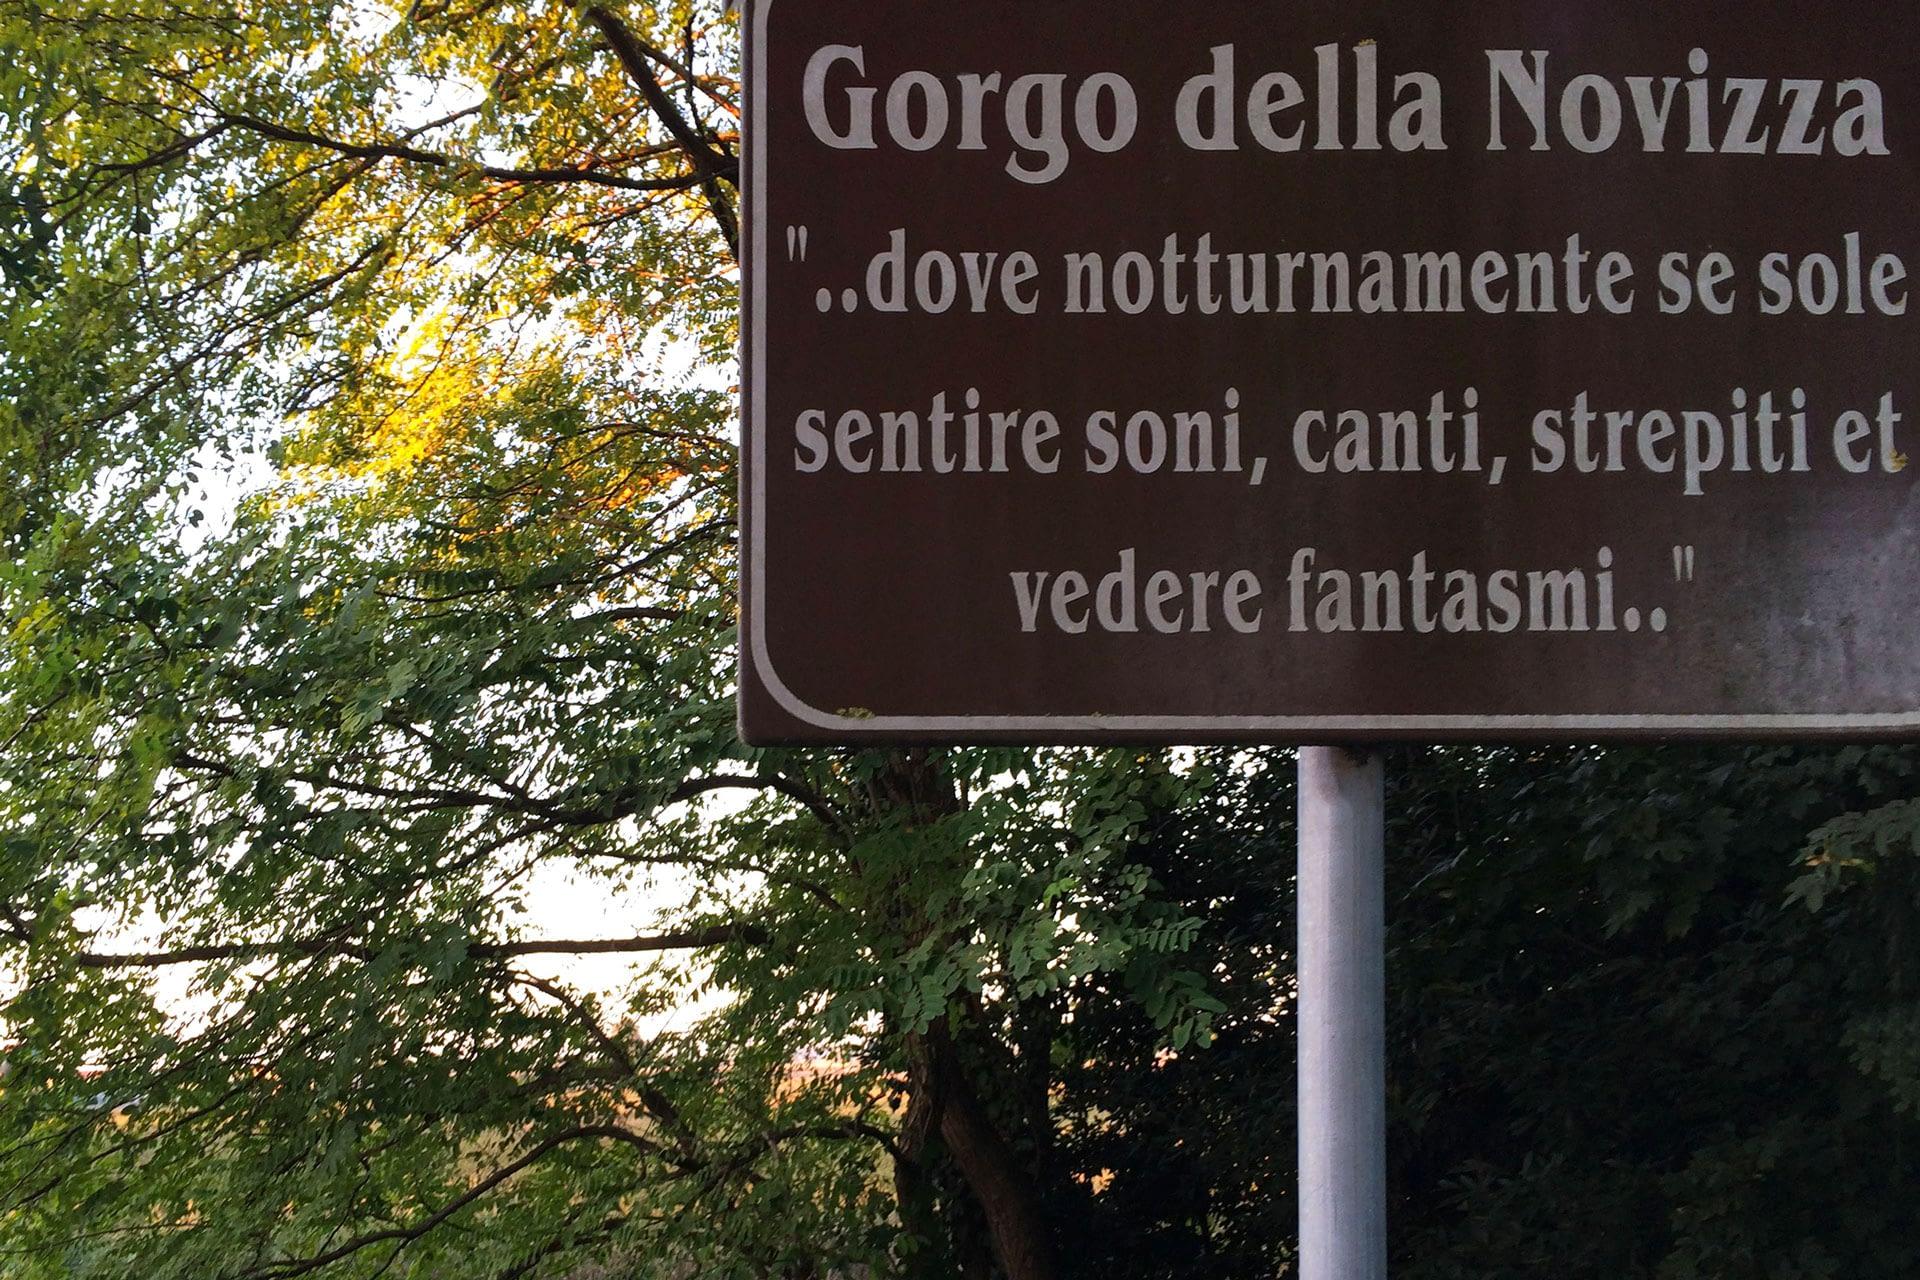 Anguillara Veneta_Cartello del Gorgo della Novizza